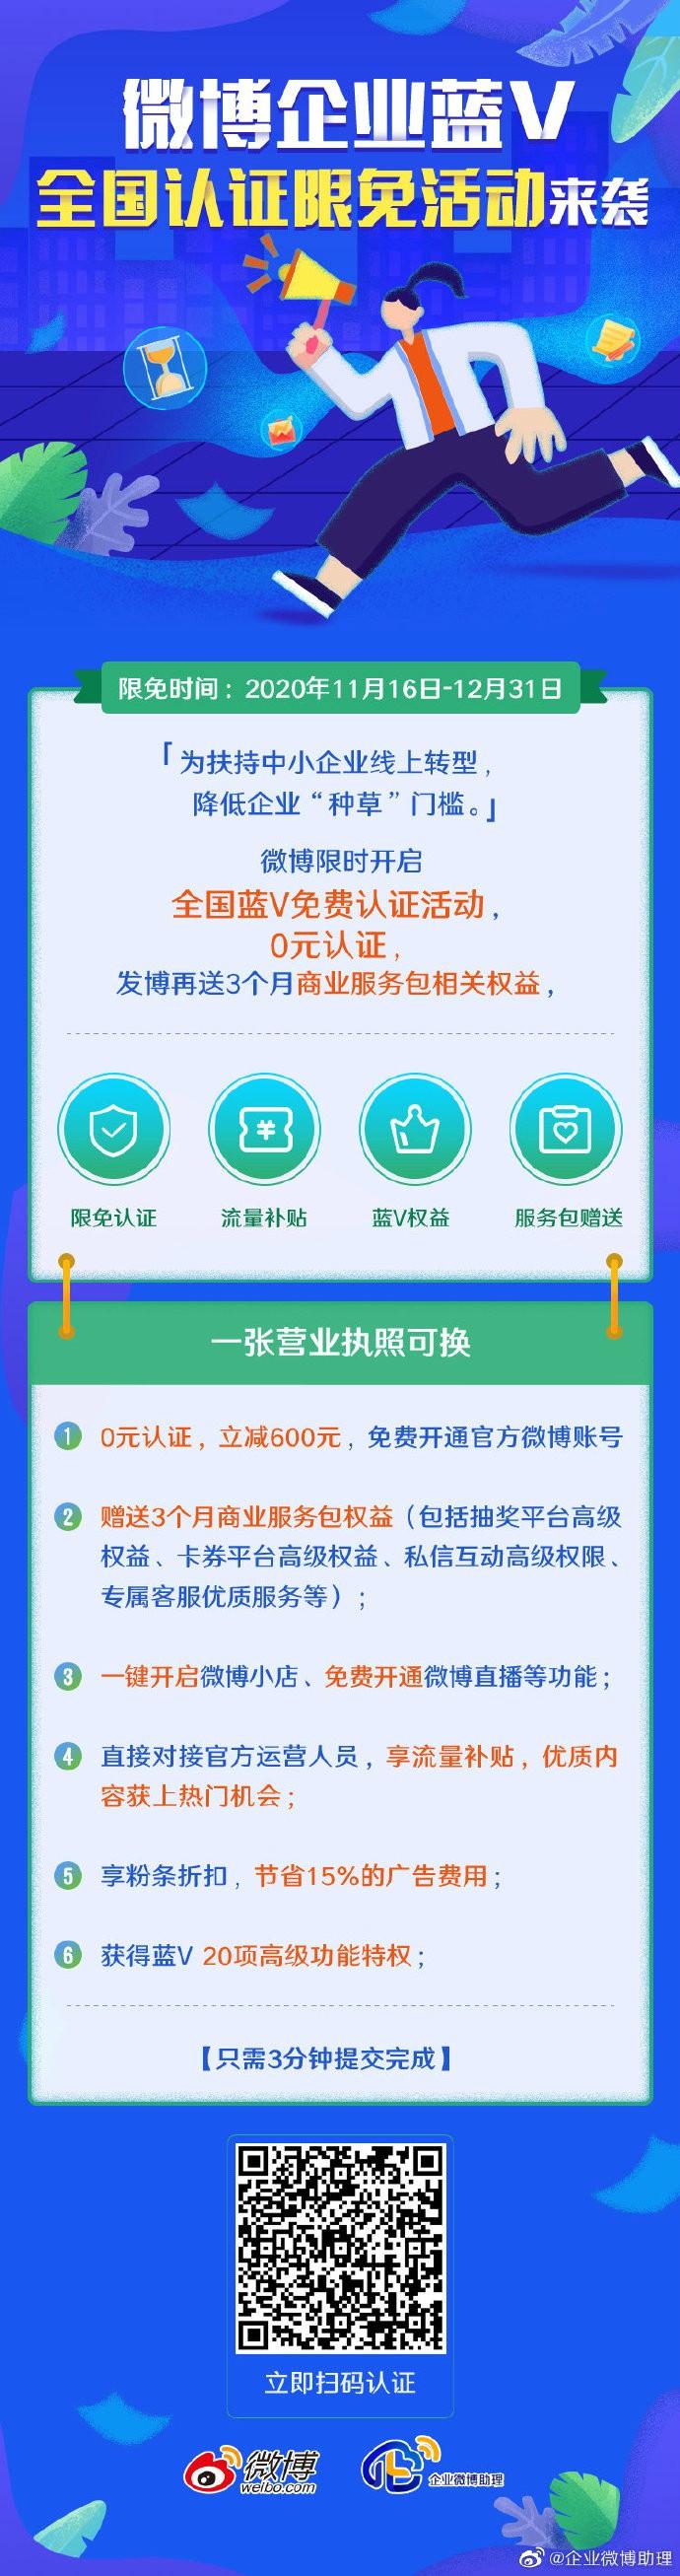 活动线报-微博企业蓝V认证全国限时免费